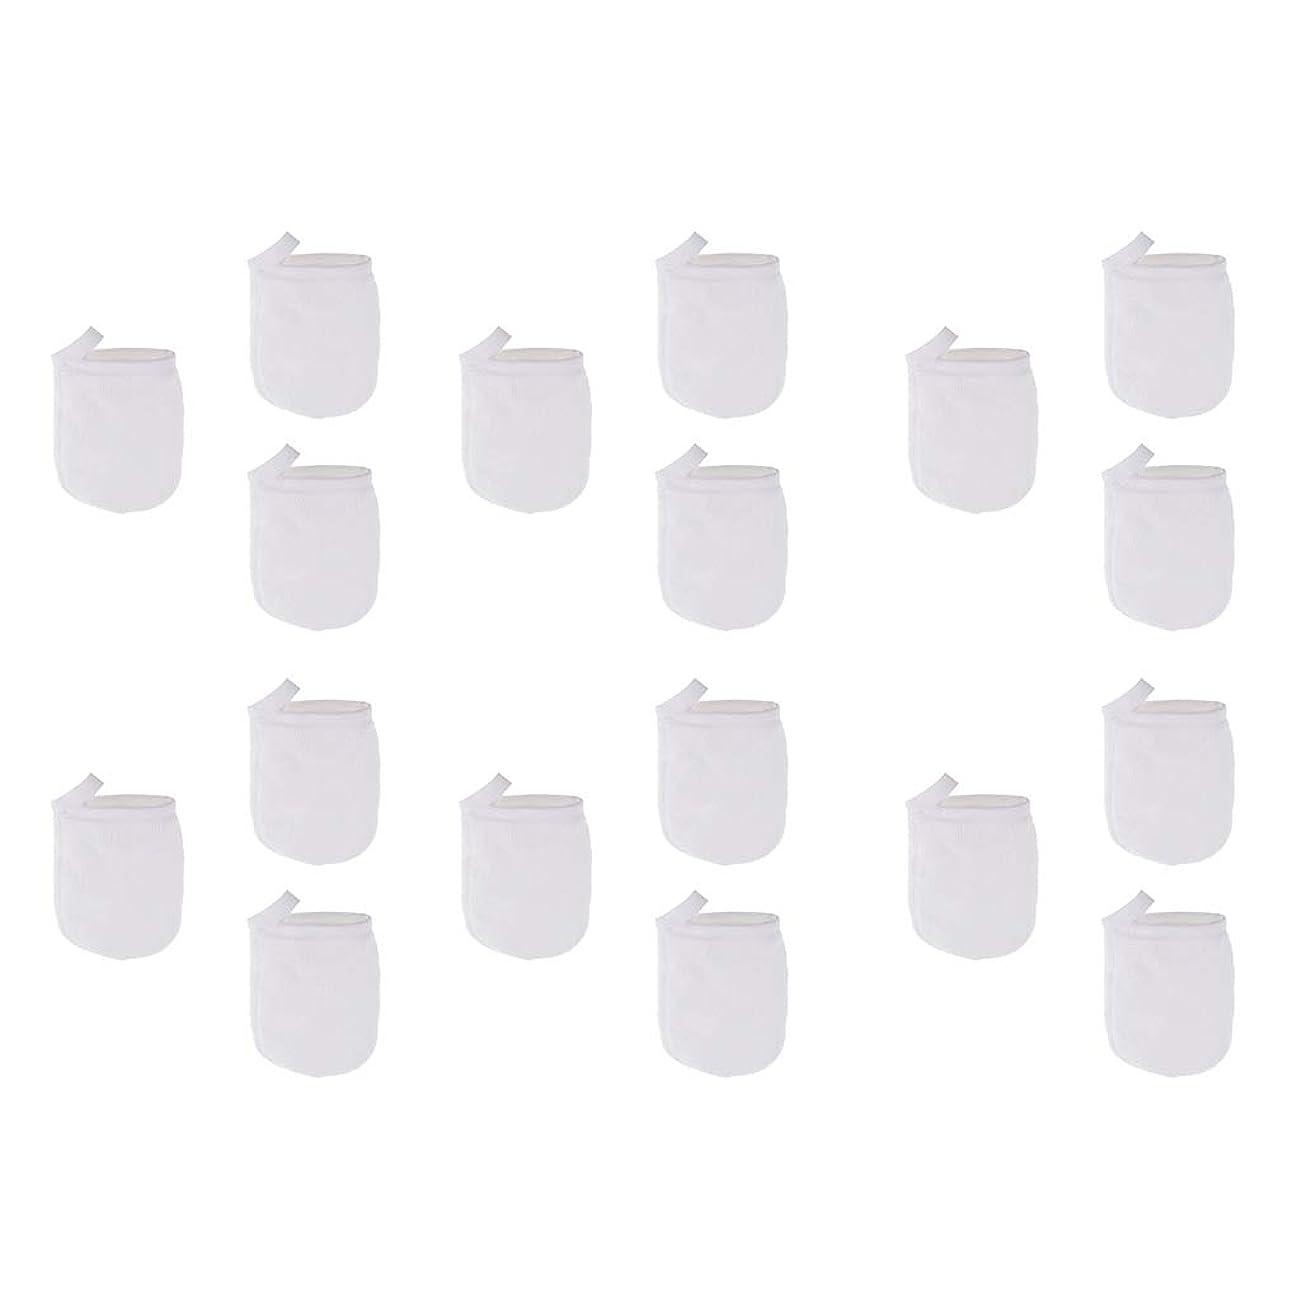 注釈を付ける香港ショッピングセンターT TOOYFUL 洗顔手袋 洗顔グローブ クレンジンググローブ メイク落とし手袋 マイクロファイバー 約18個パック